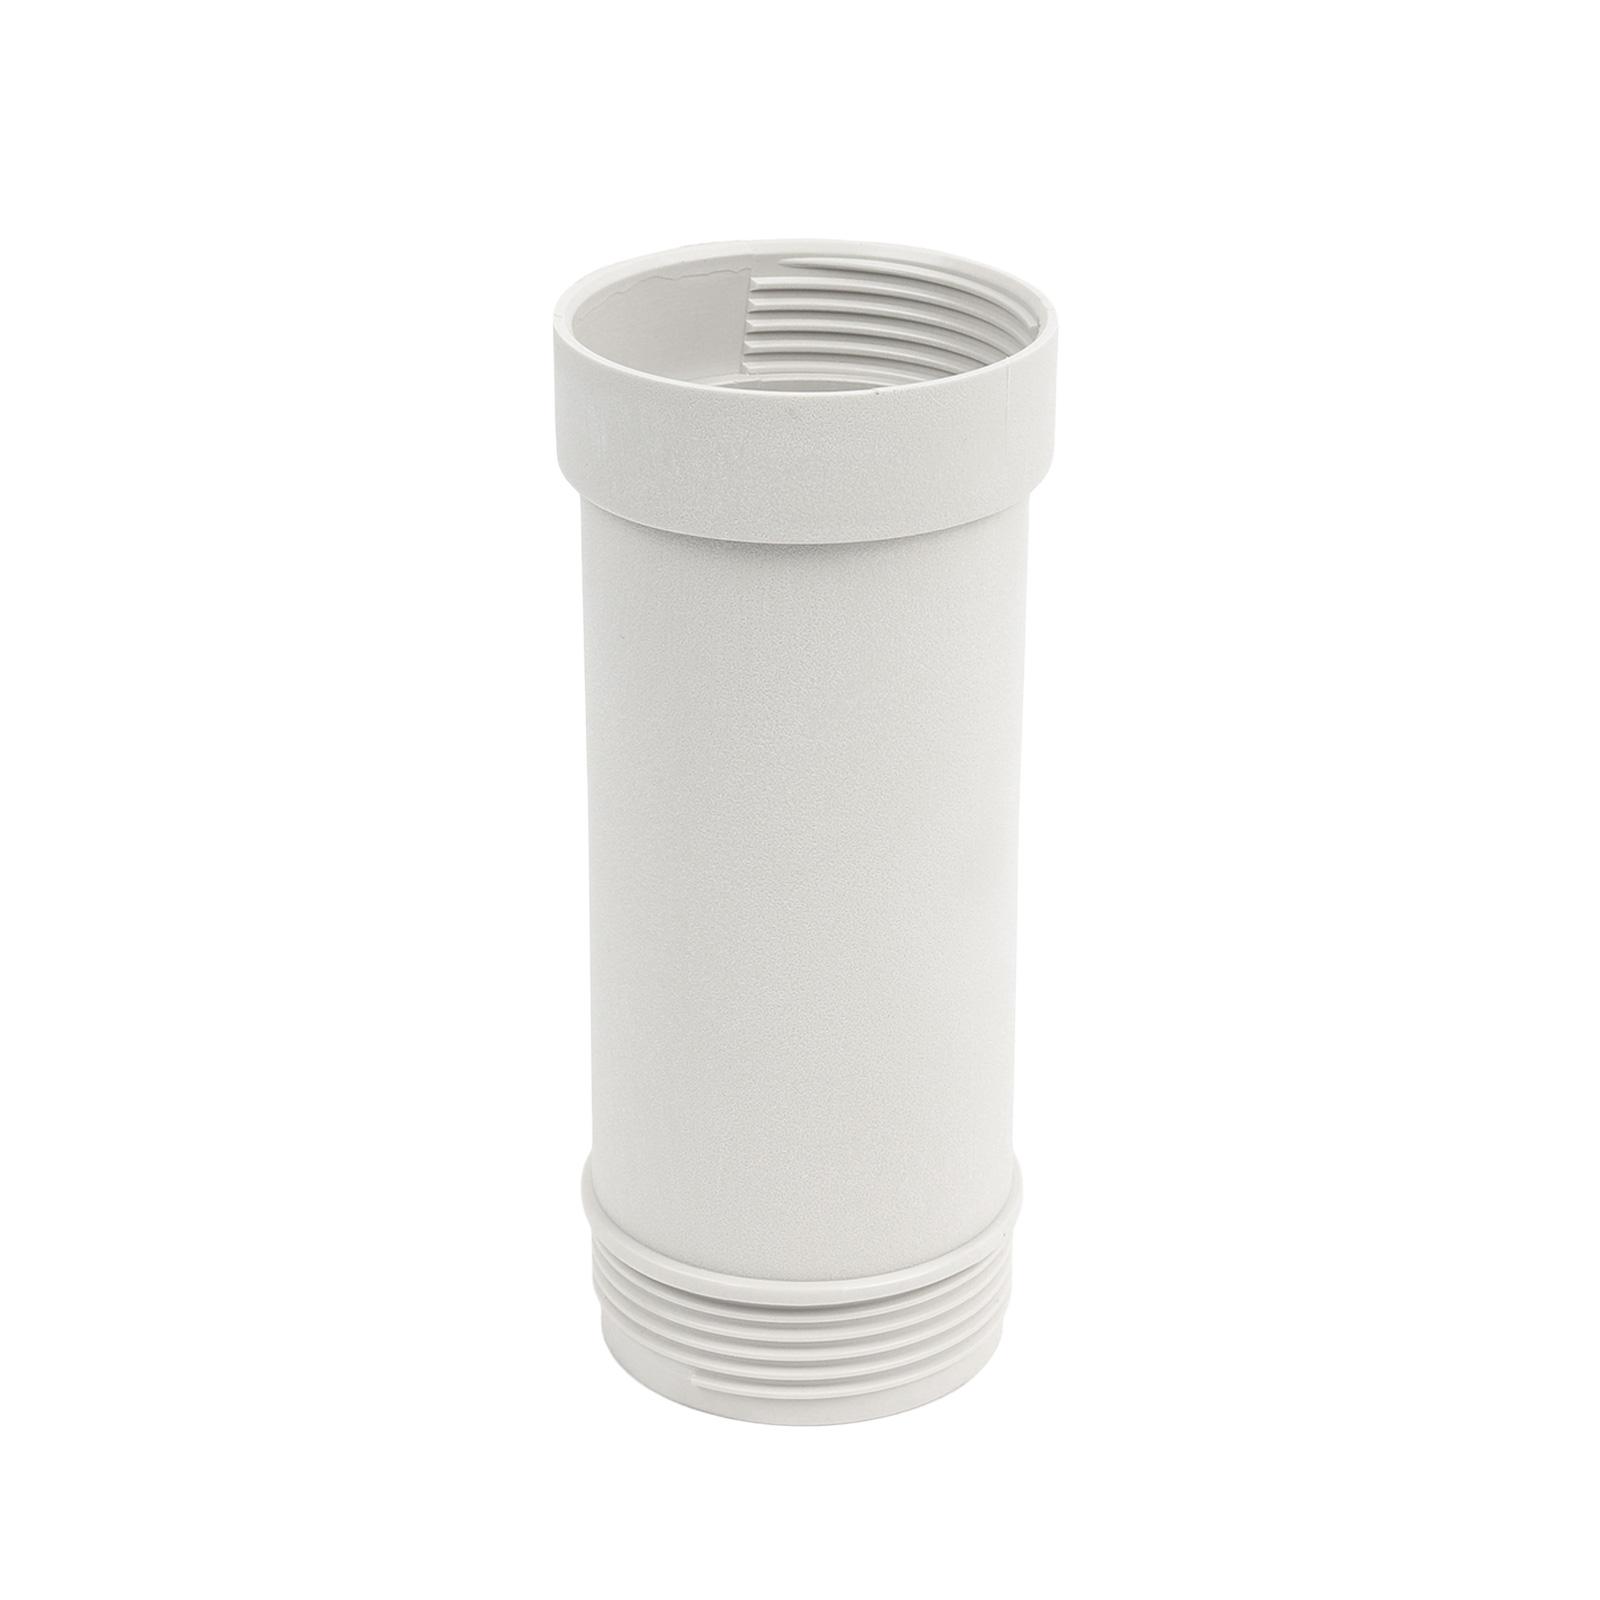 Abgaskamin Verlängerung passend für Truma  65mm für Heizungen, Abzugshauben